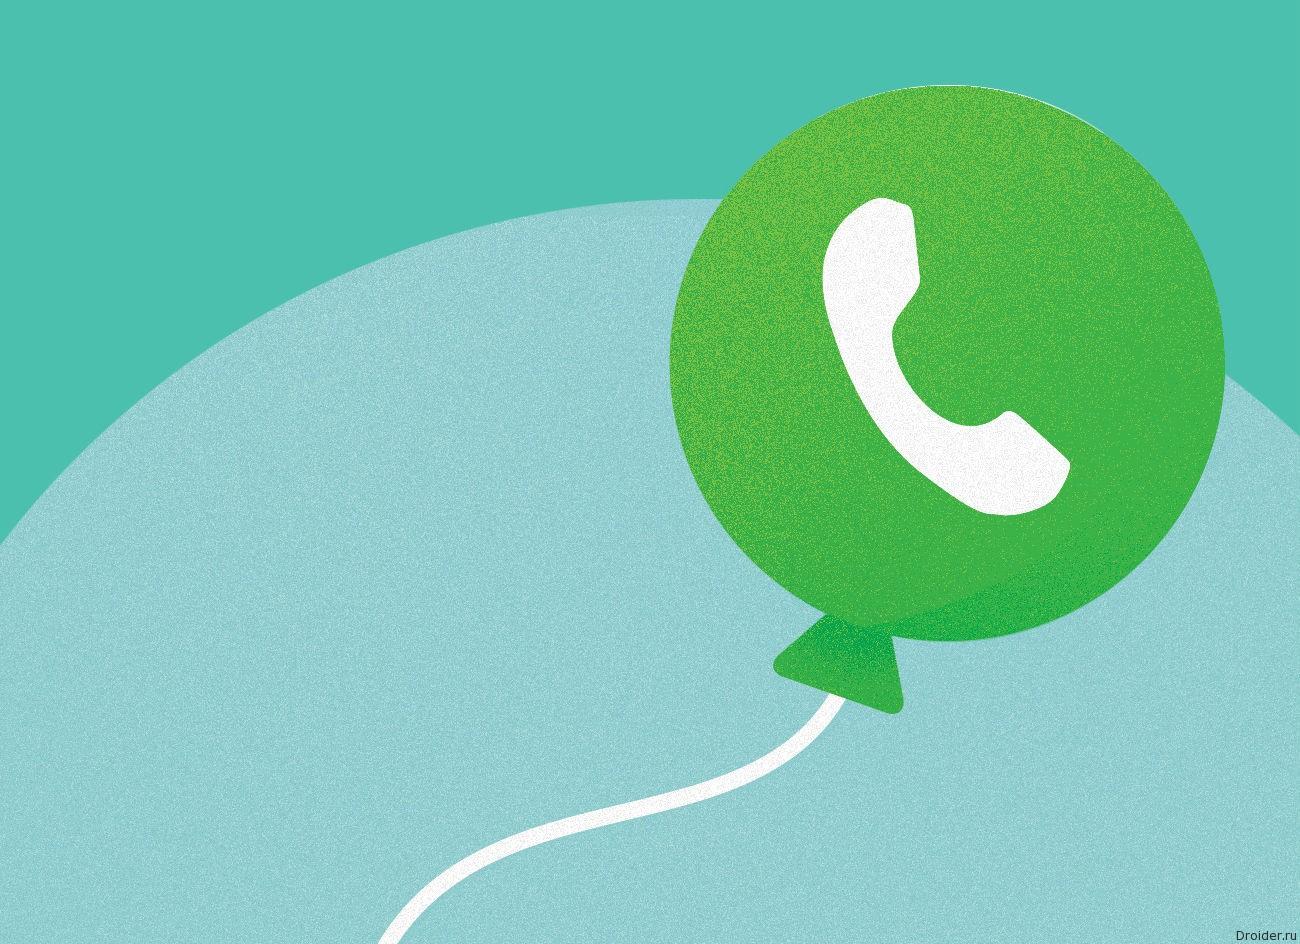 WhatsApp выпустил веб-версию своего клиента